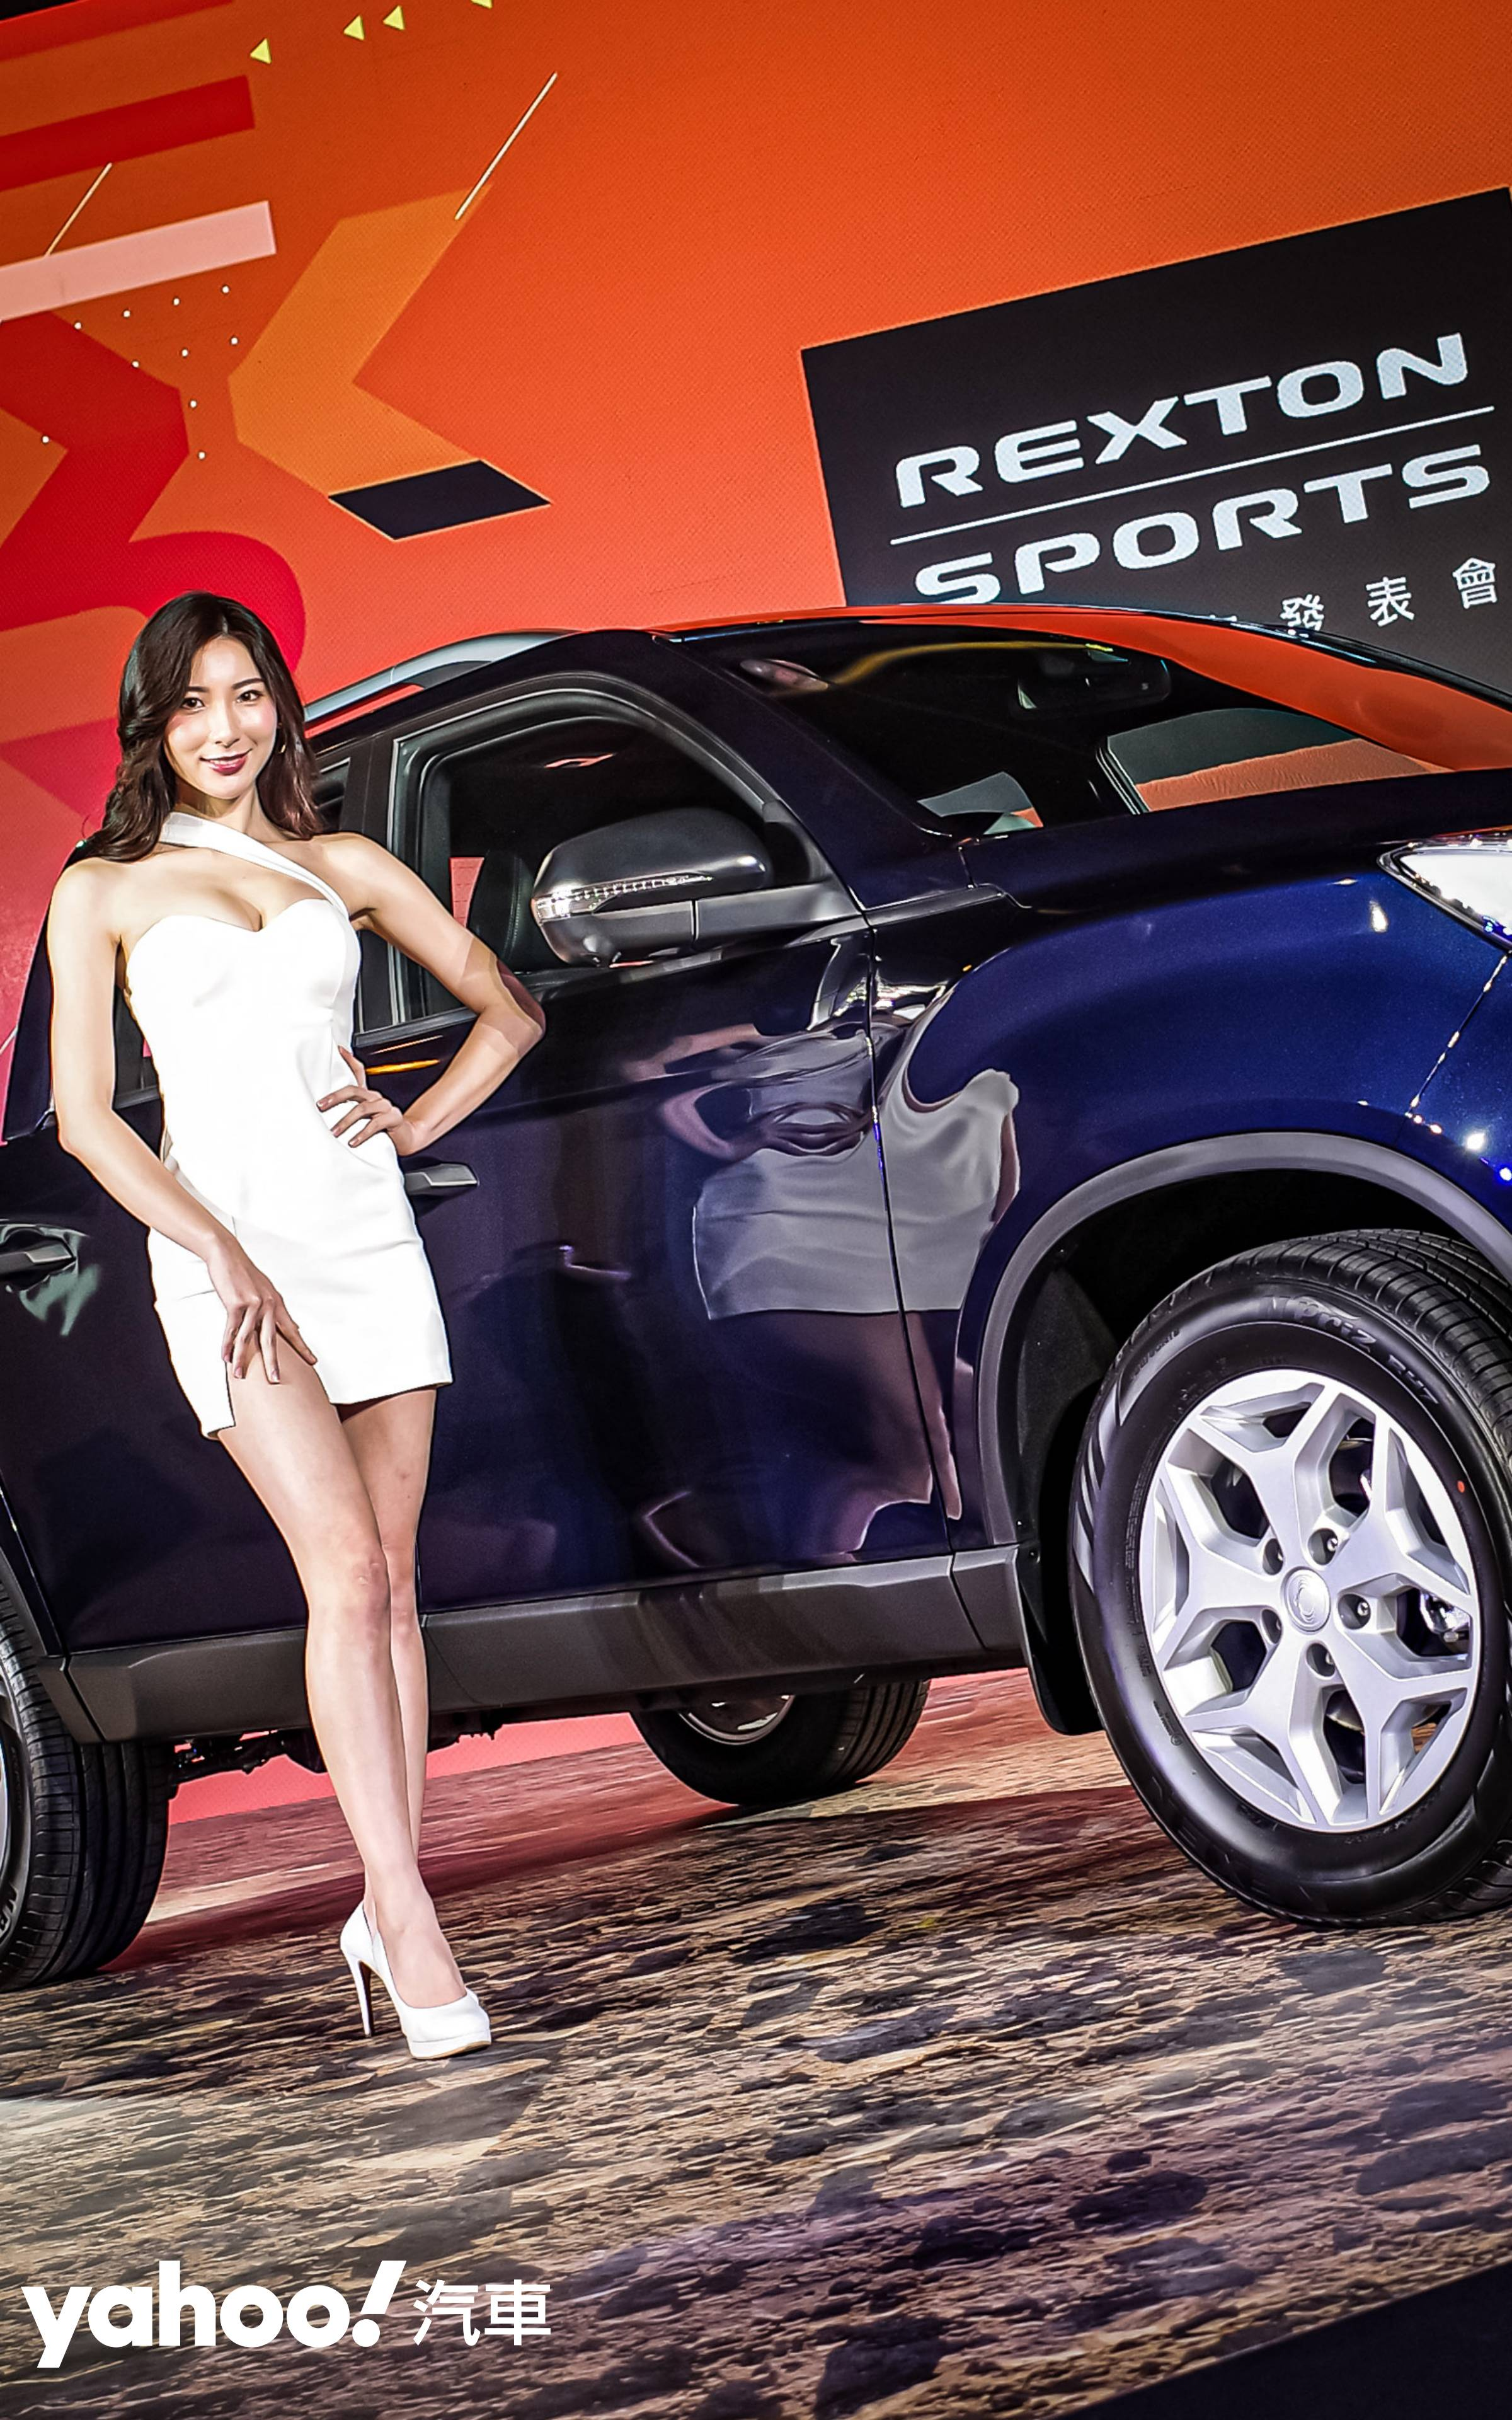 2021 SsangYong Rexton Sports運動皮卡正式上市,同場加映Rexton休旅車年底上市!